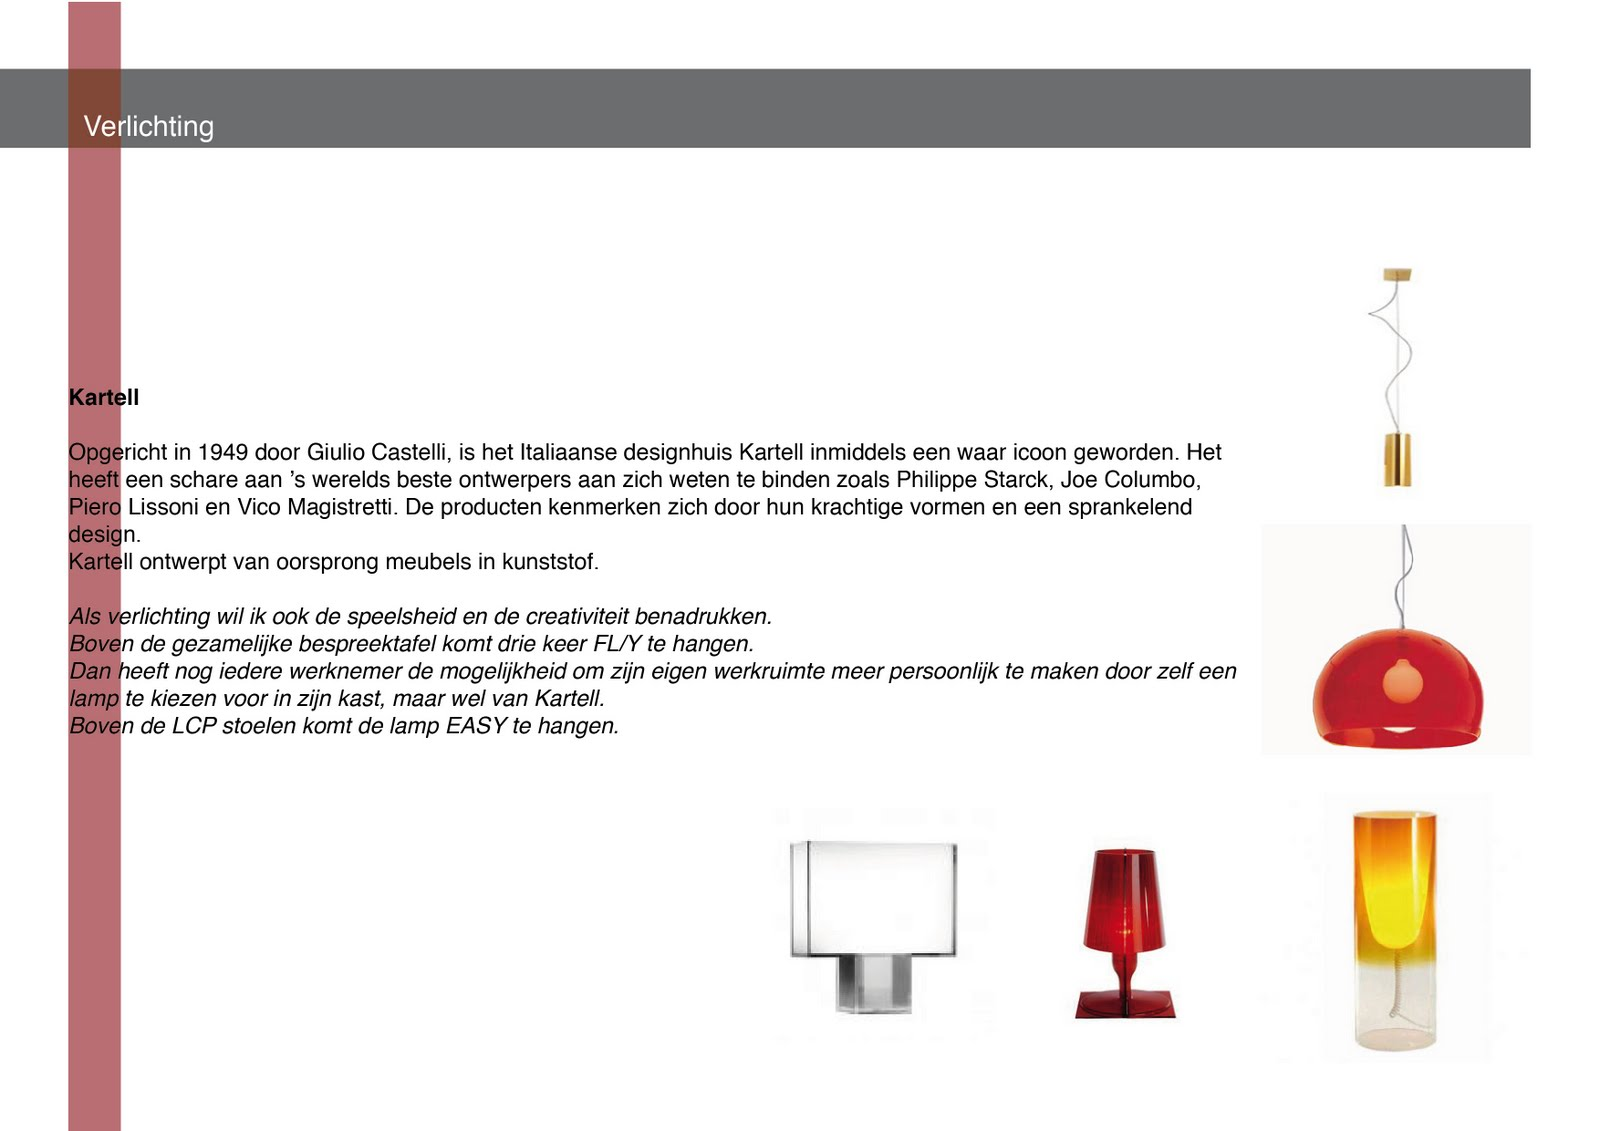 Verlichting Kenmerken. Technische Kenmerken Van De Verlichting ...